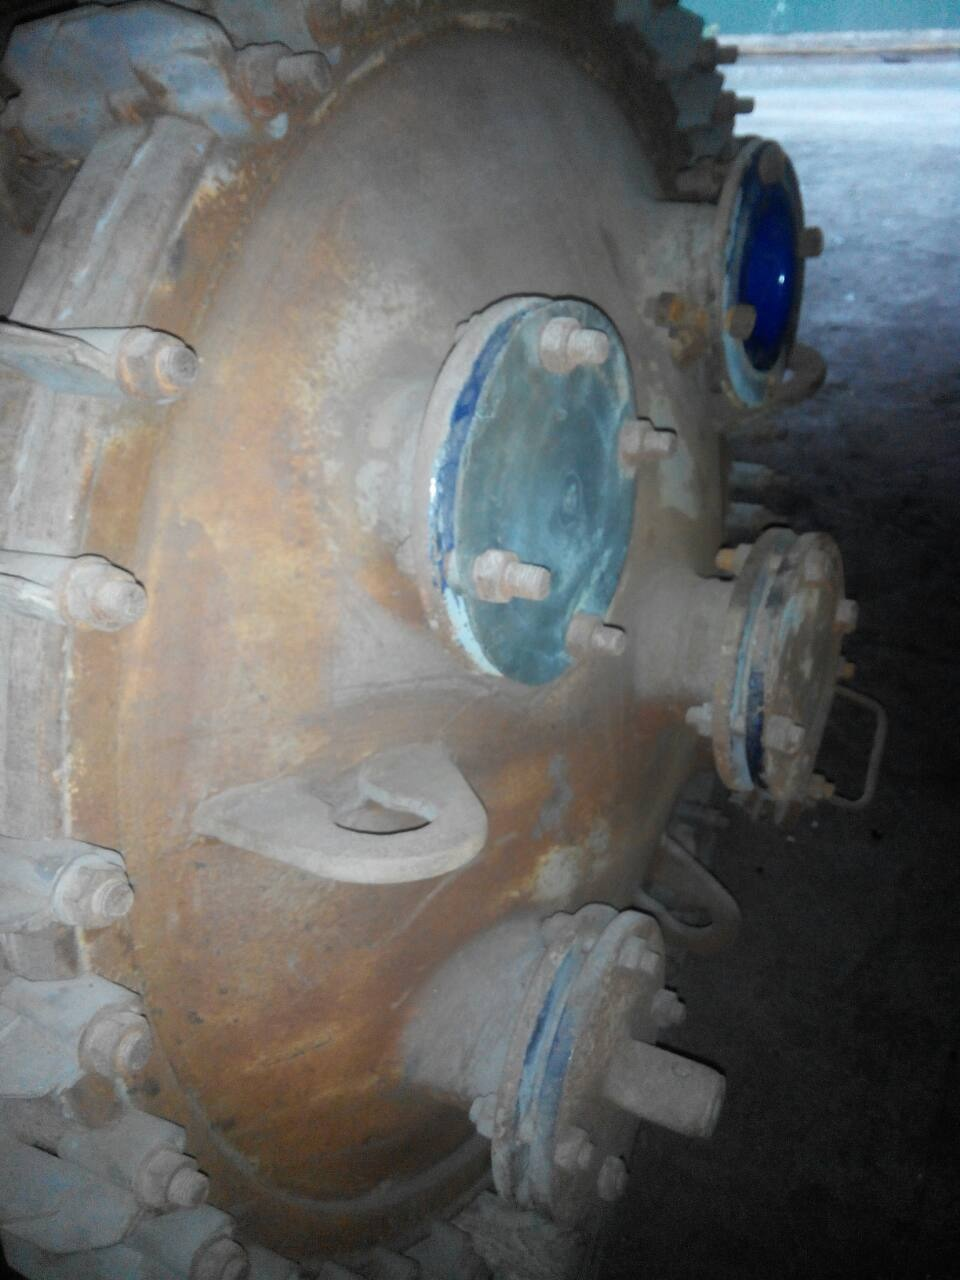 630 Liter 6 Bar Internal, 6 Bar Jacket Glass Lined Reactor Body